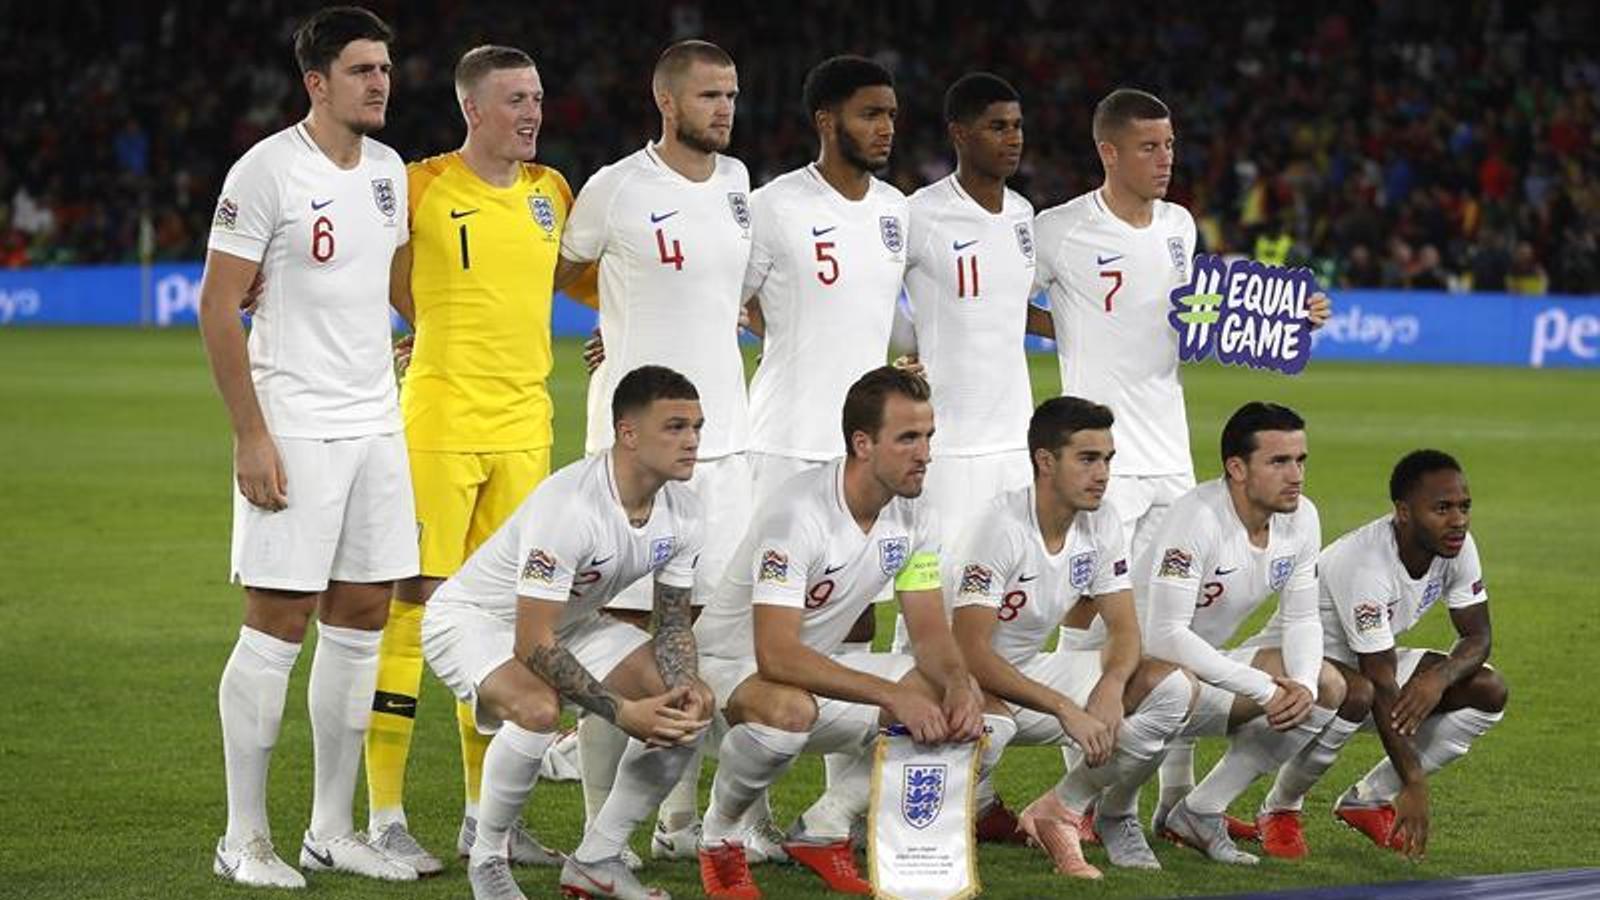 La selecció anglesa, instants abans del partit al Benito Villamarín